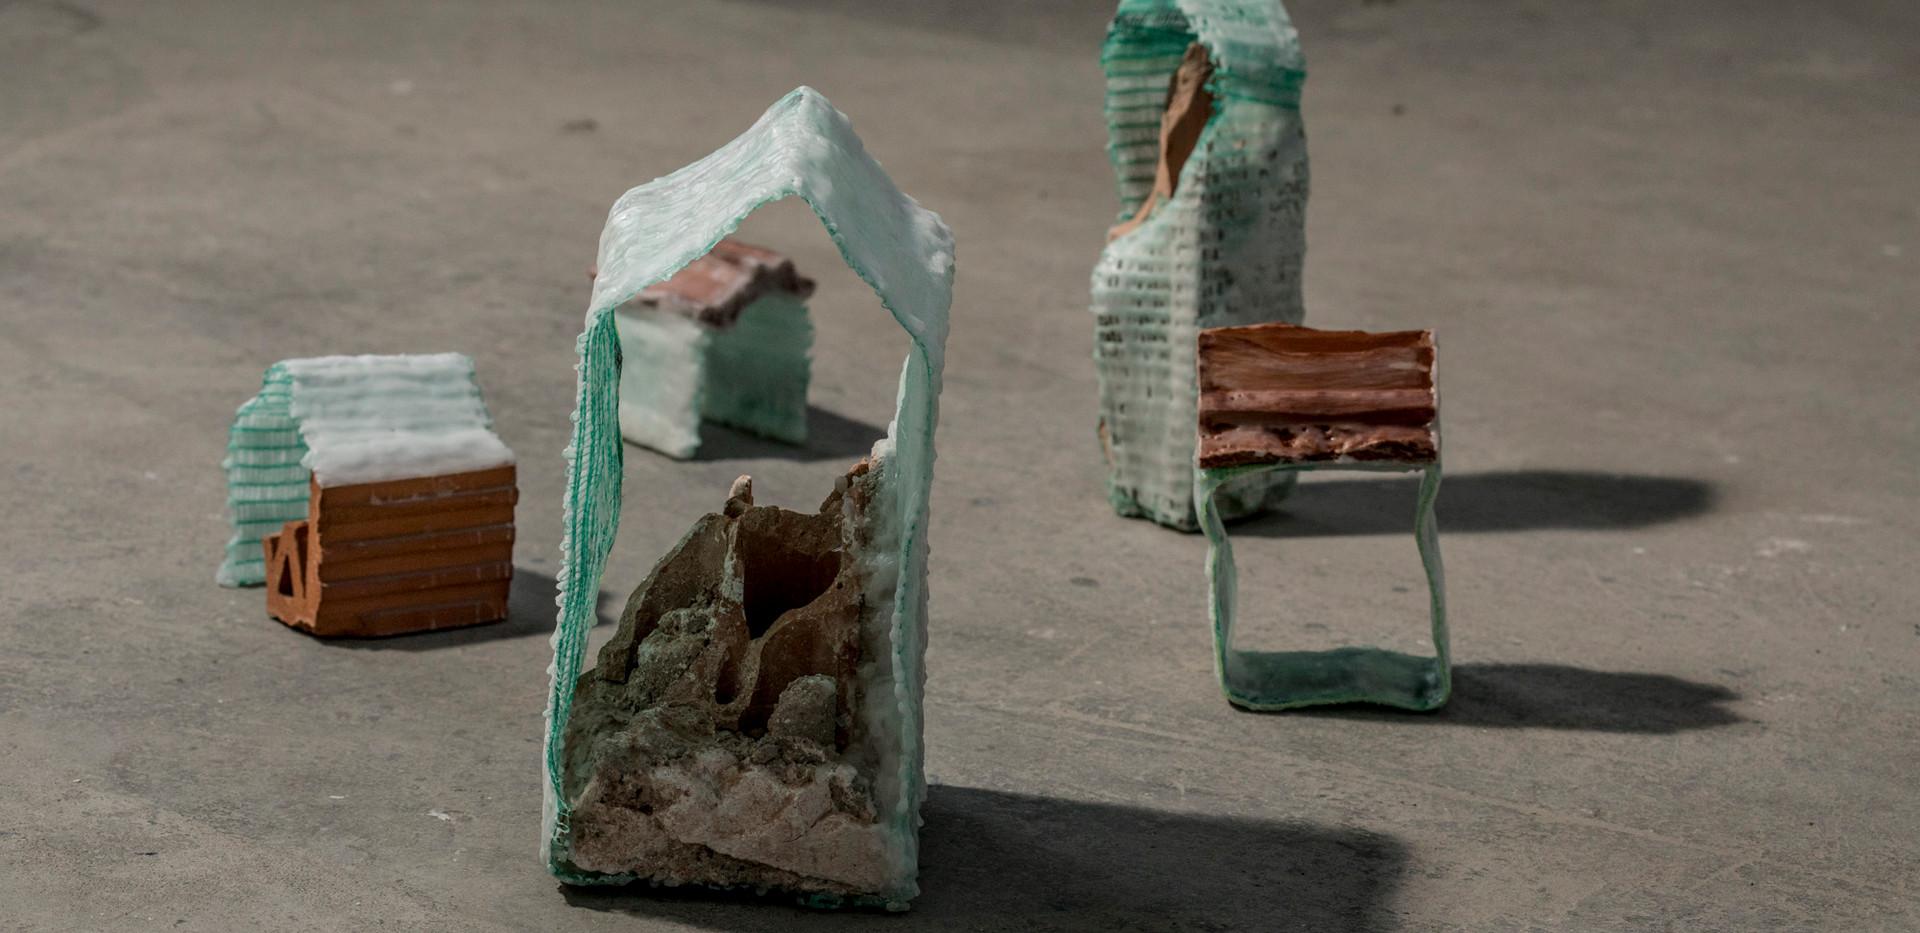 Arquiteturas cambiantes | 2019 | Instalação | Resto de construção, tela de proteção e parafina | Dimensões variáveis